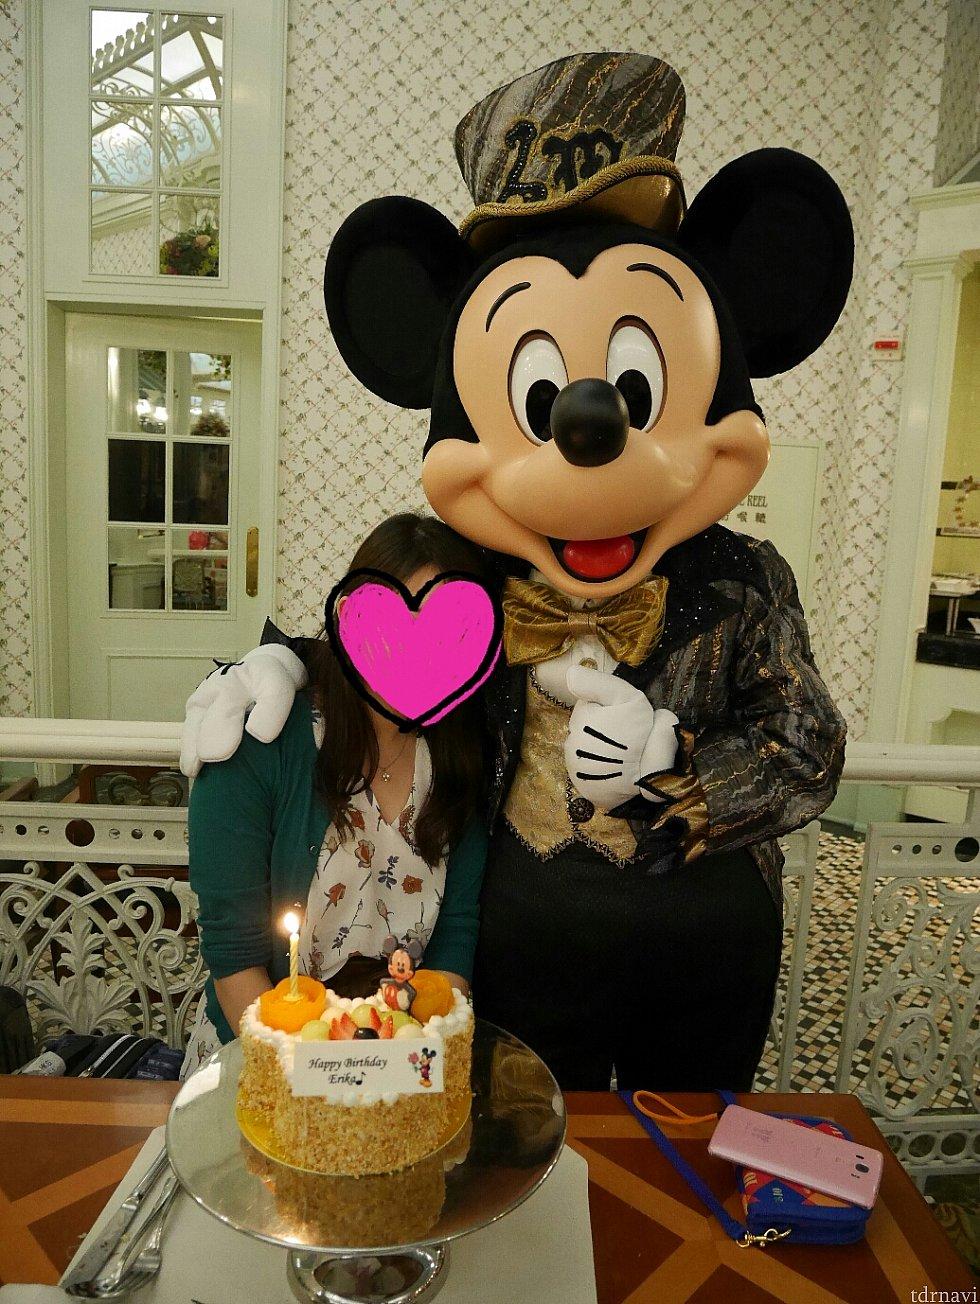 【誕生月特典】 ケーキ無料とエンチャを2人以上利用で1人分無料の特典を使いキャラと誕生日をお祝い😆 ※写真のケーキは+50HKドルでミッキーシェイプに変更してます。